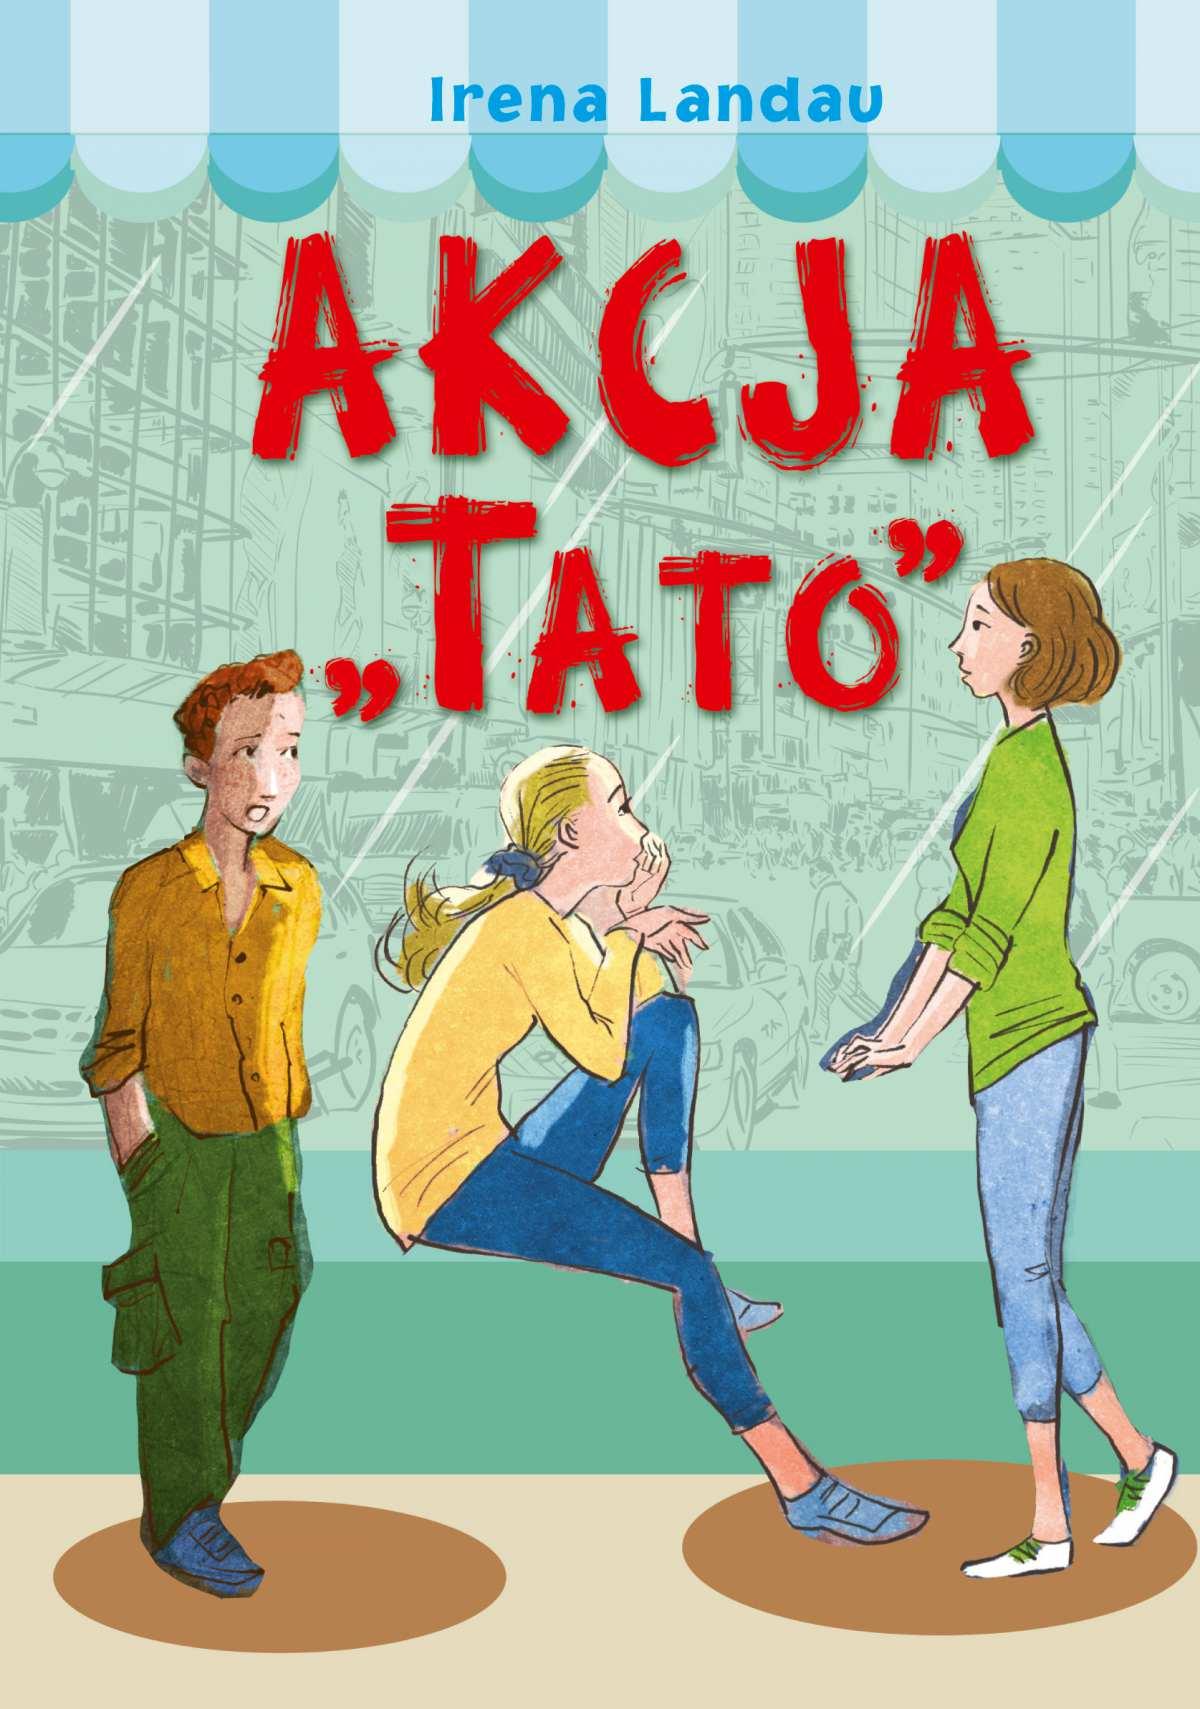 """Akcja """"Tato"""" - Ebook (Książka EPUB) do pobrania w formacie EPUB"""